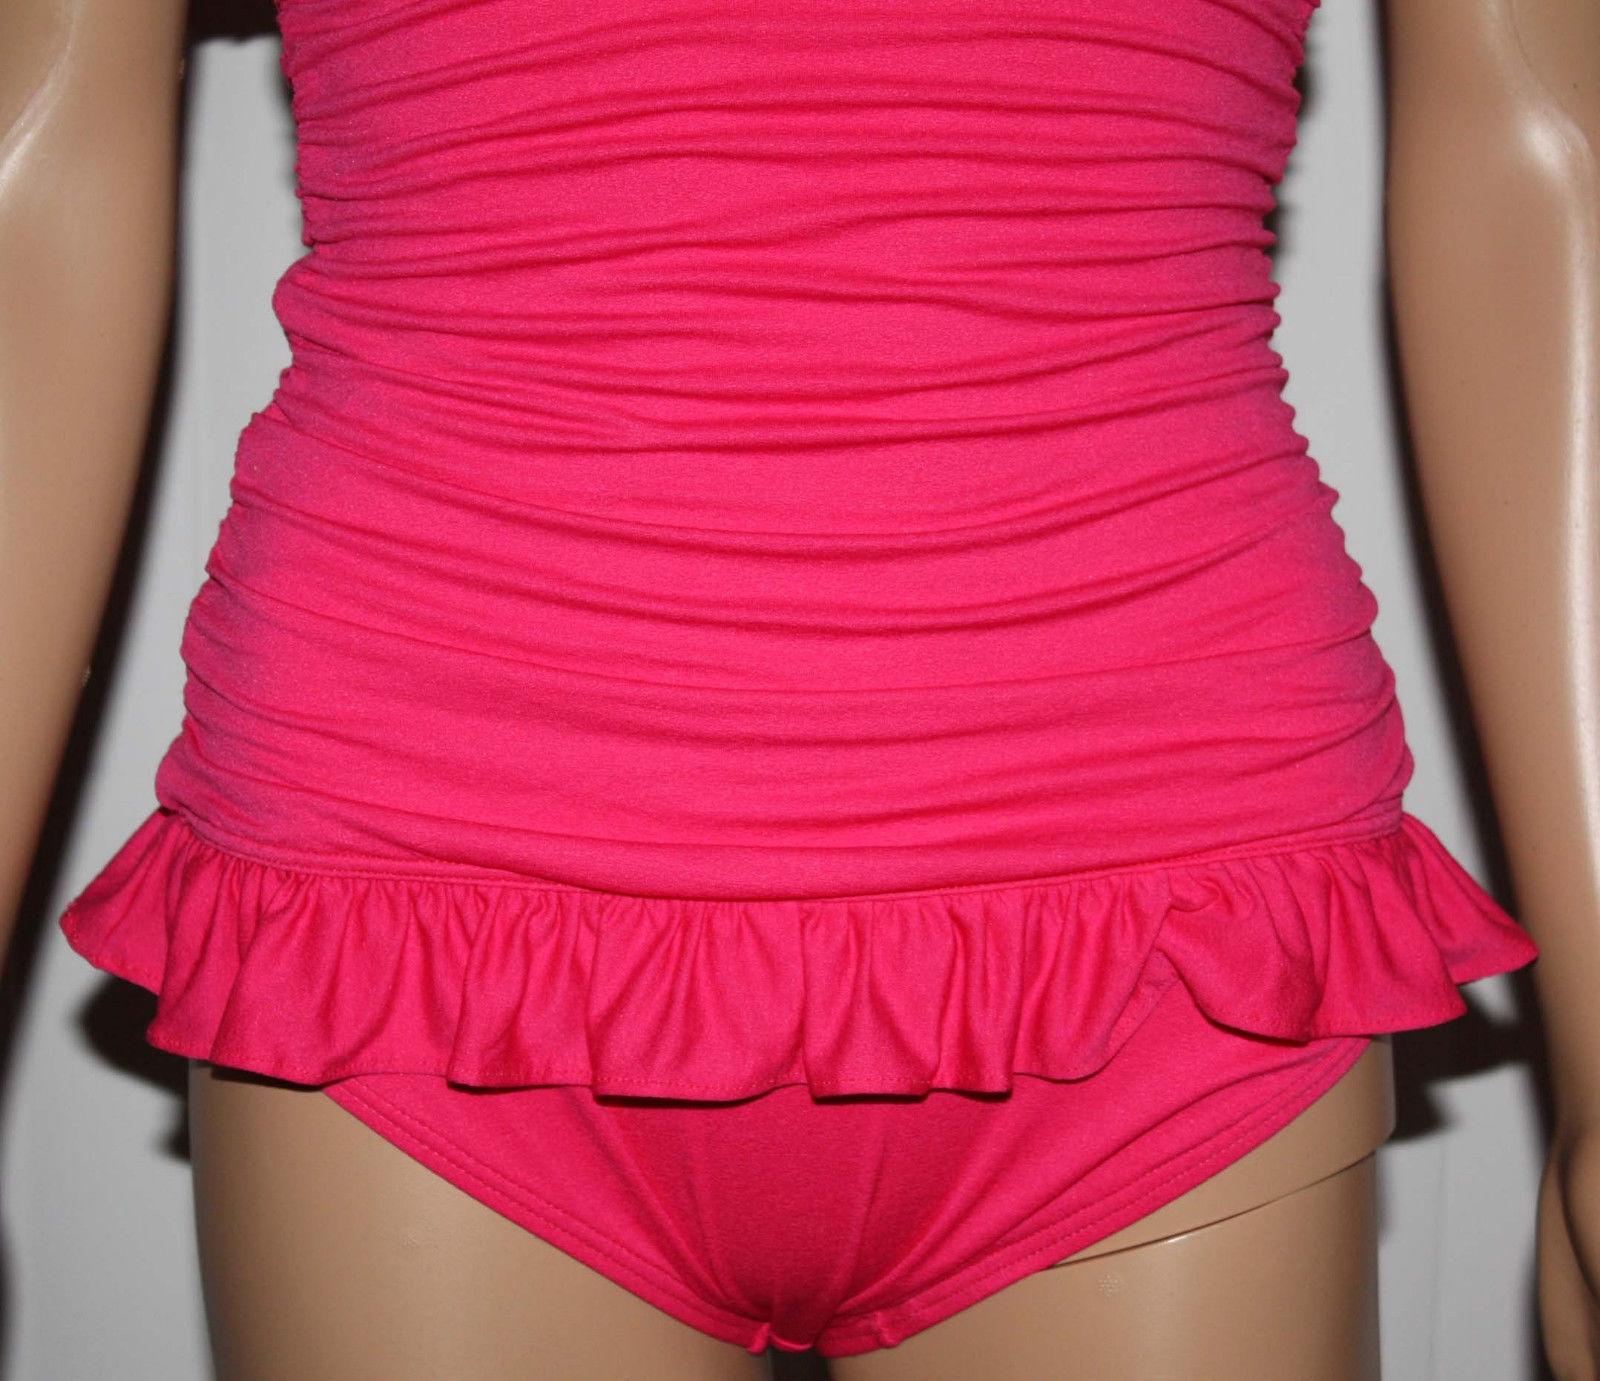 ruffled skirt (front)